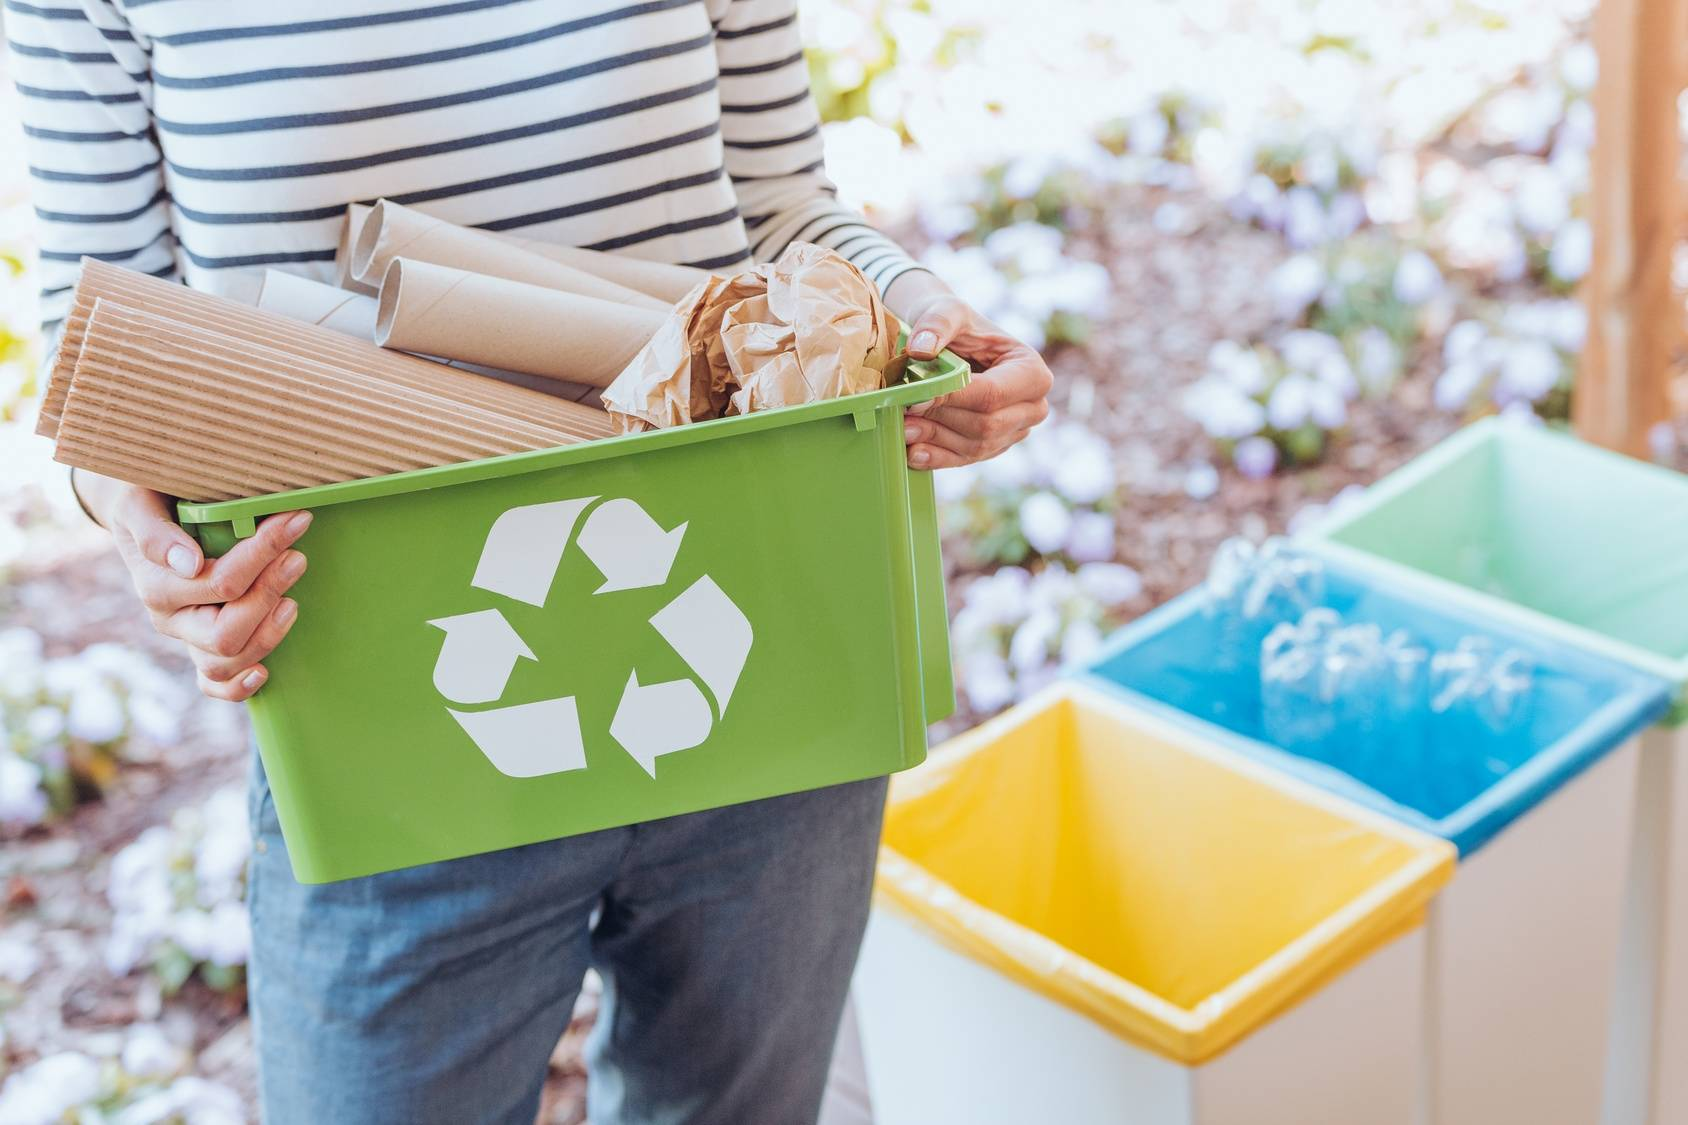 Czym zastąpić plastik - alternatywy dla plastiku? Kobieta trzyma pojemnik do recyklingu i segreguje śmieci.